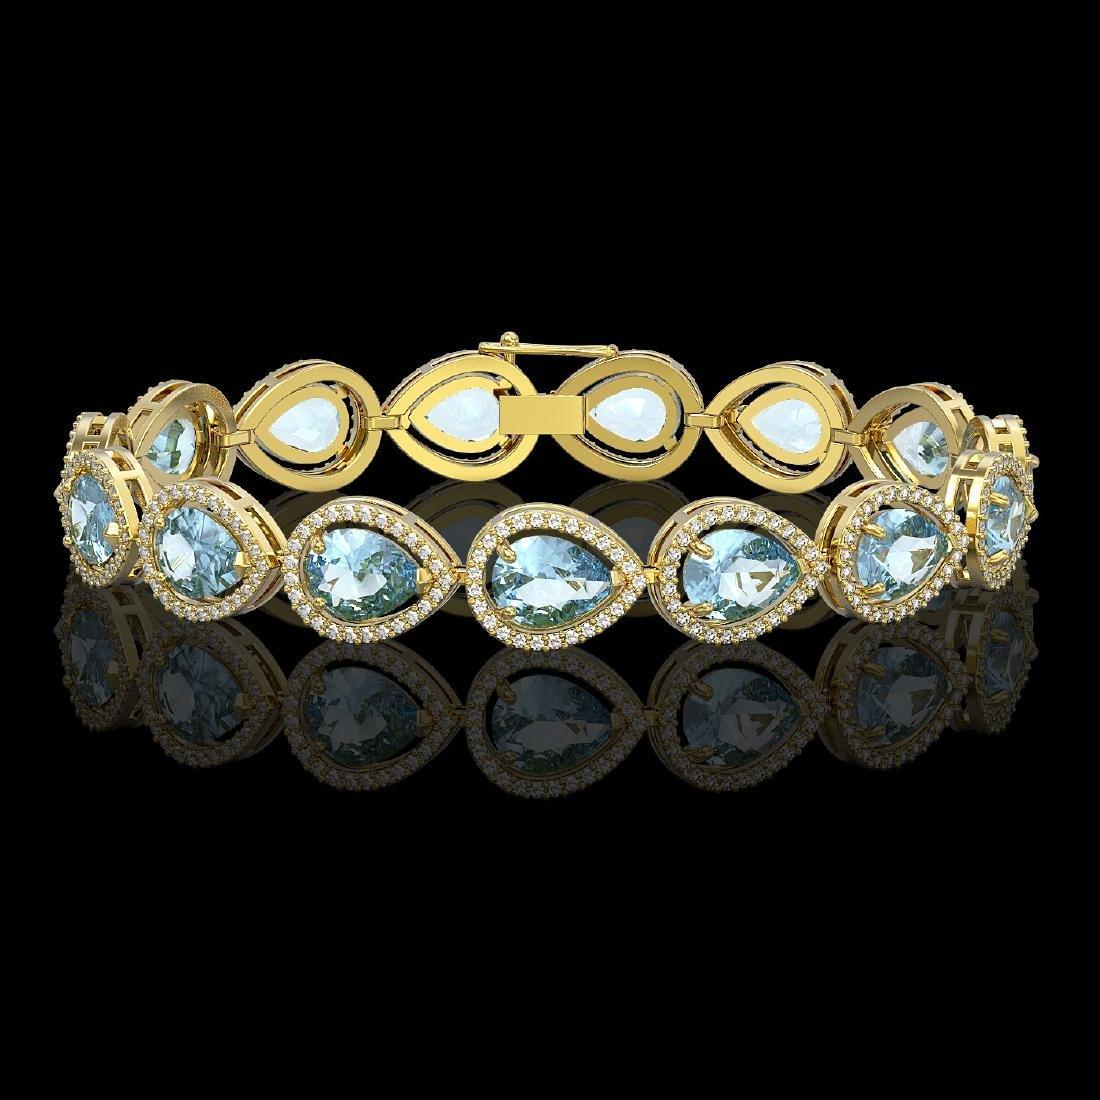 19.85 CTW Aquamarine & Diamond Halo Bracelet 10K Yellow